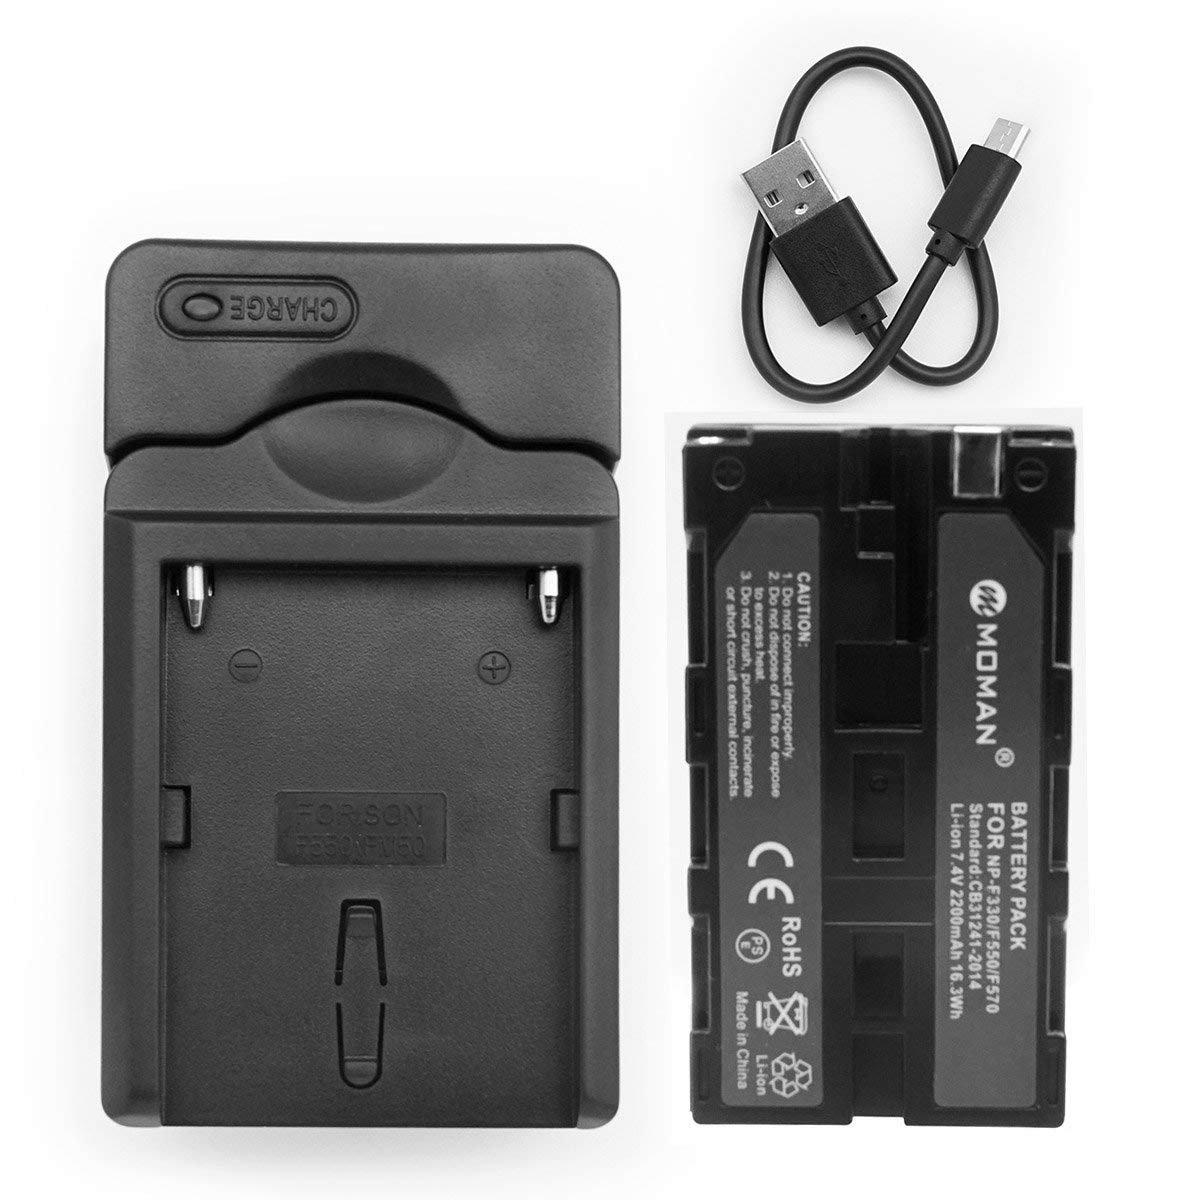 Moman NP-F550 Batería y Cargador, Reemplazable NP-F330 NP-F530 NP-F570, Batería para Feelworld Monitor DSLR, Batería para Luz LED Video